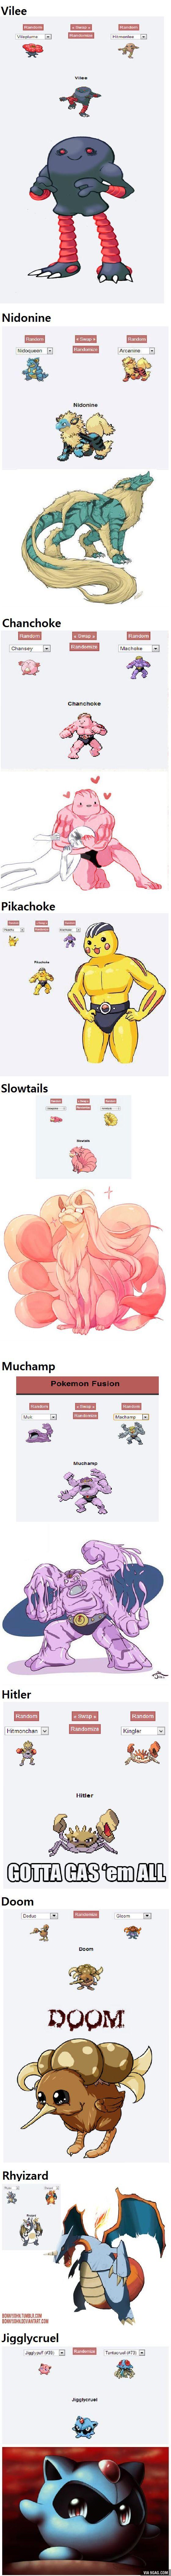 Pokemon fusión